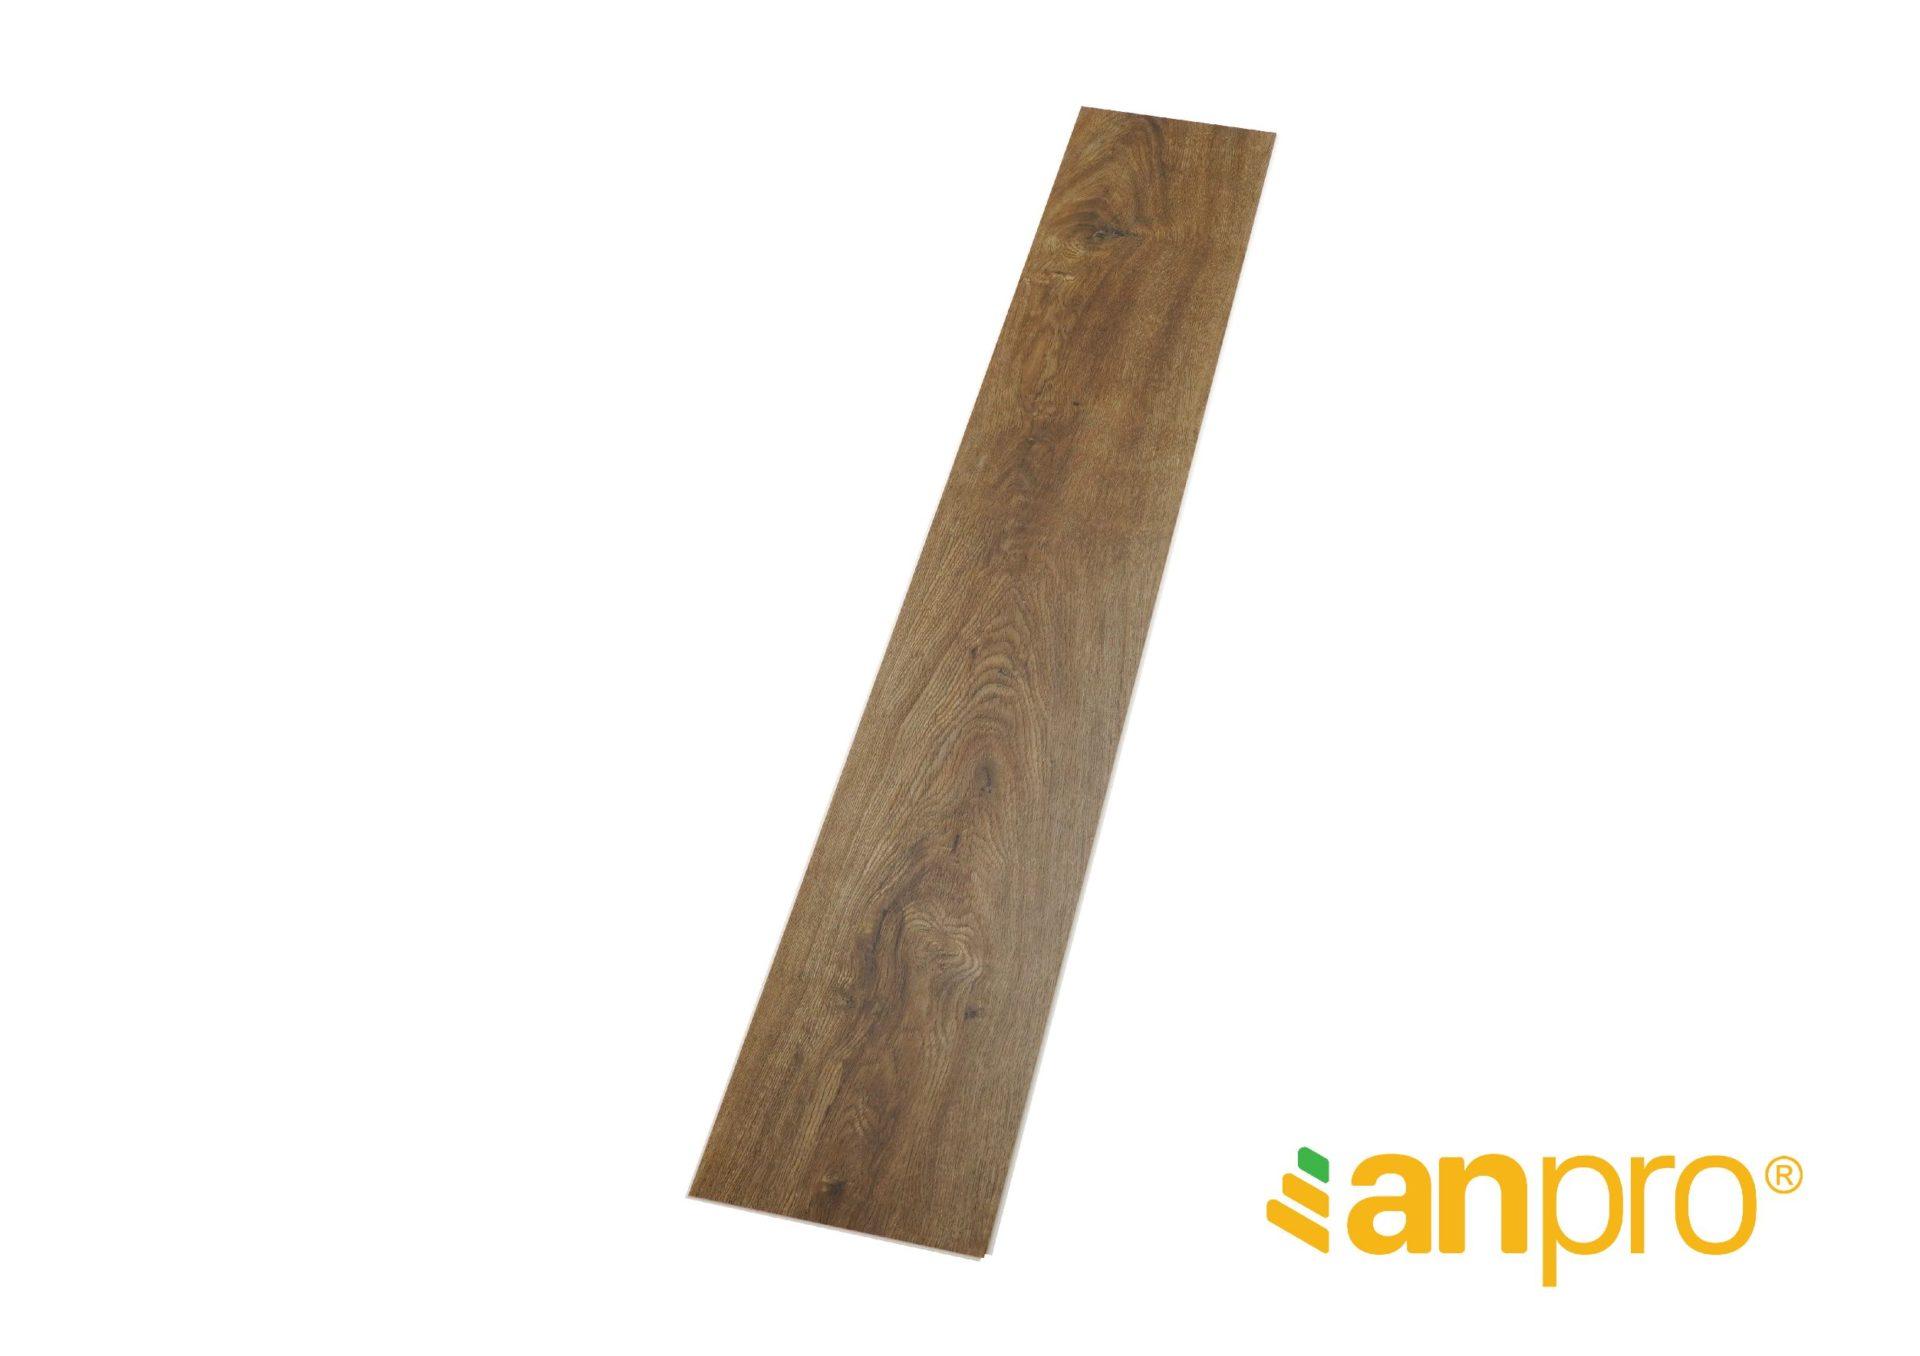 SA143 01 01 - Sàn AnPro vân gỗ SA152